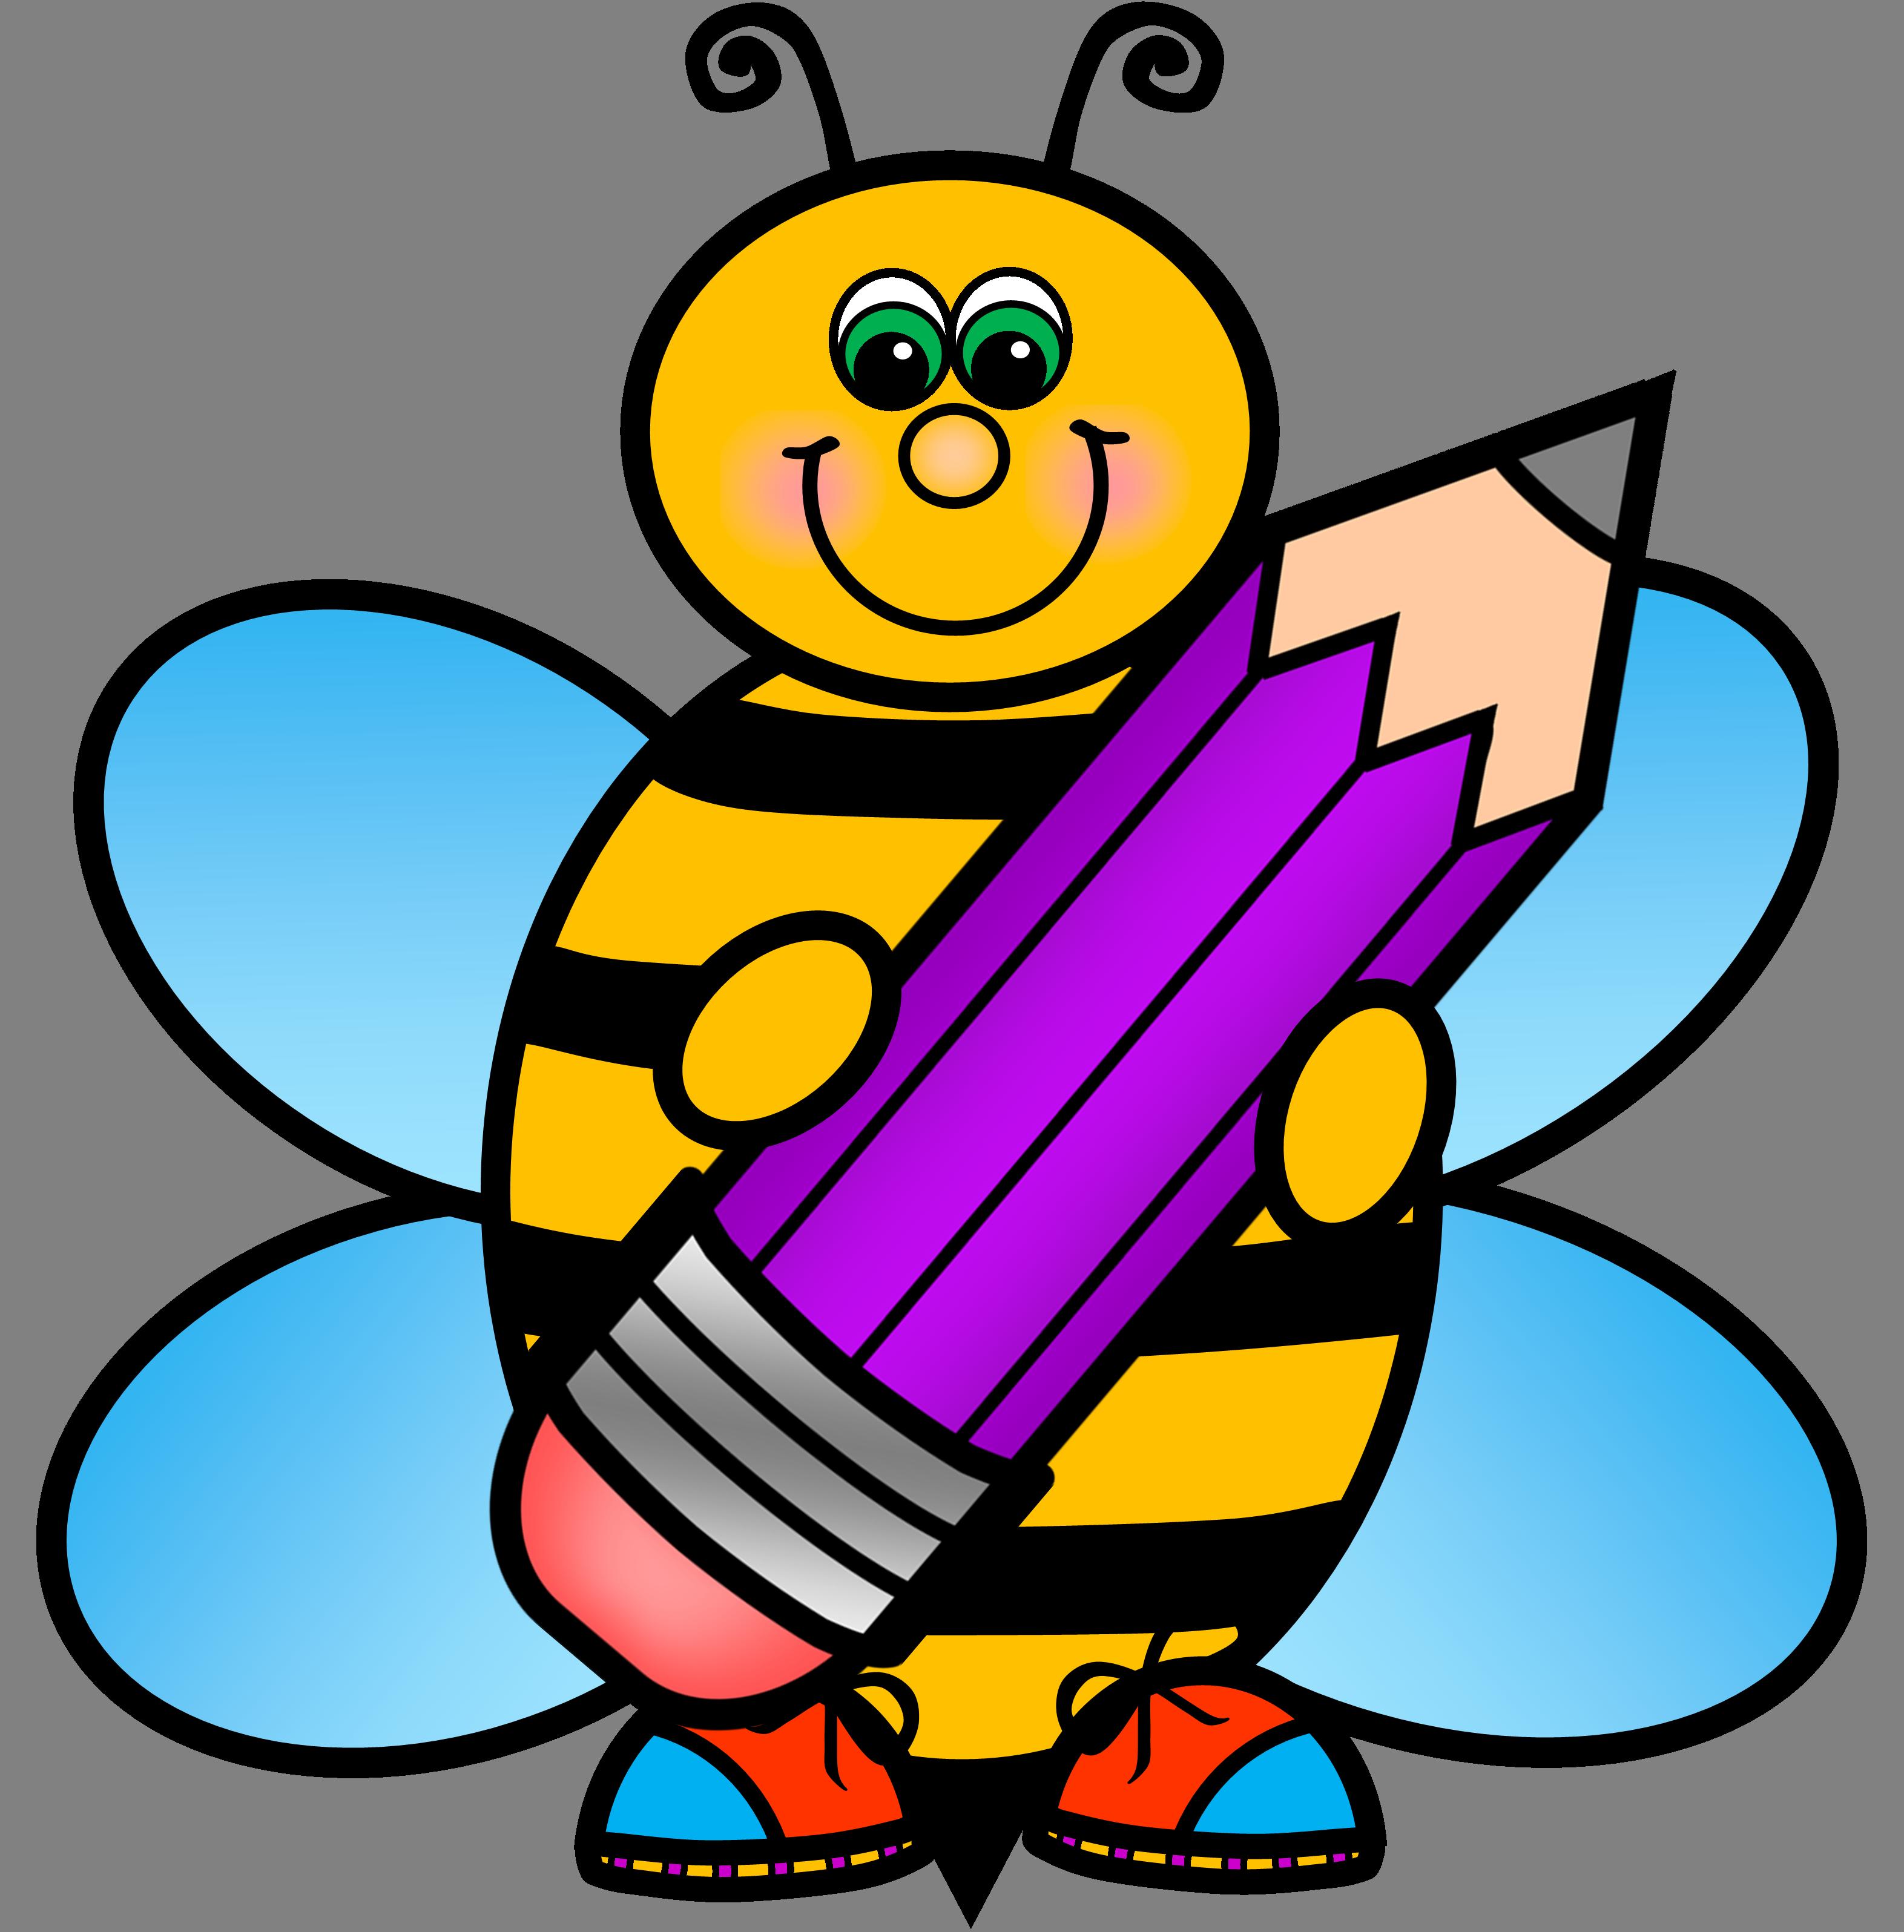 School bee clipart png free download ✿**✿*AL COLE*✿**✿* | интересно | Pinterest | Clip art png free download